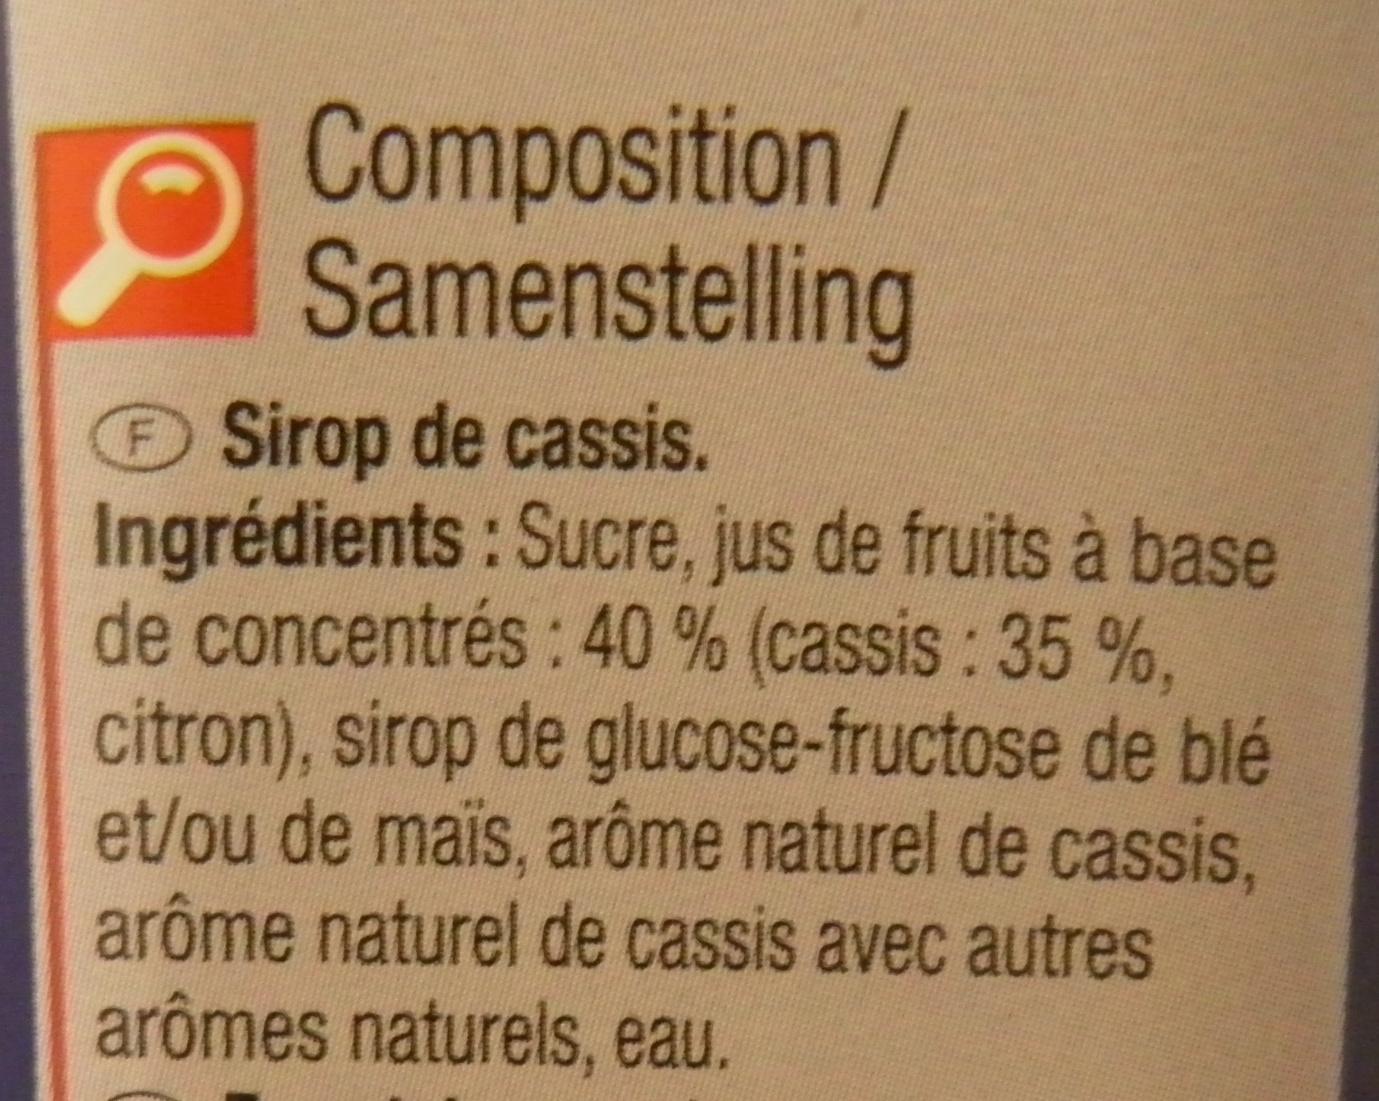 Sirop de cassis - Ingredients - fr